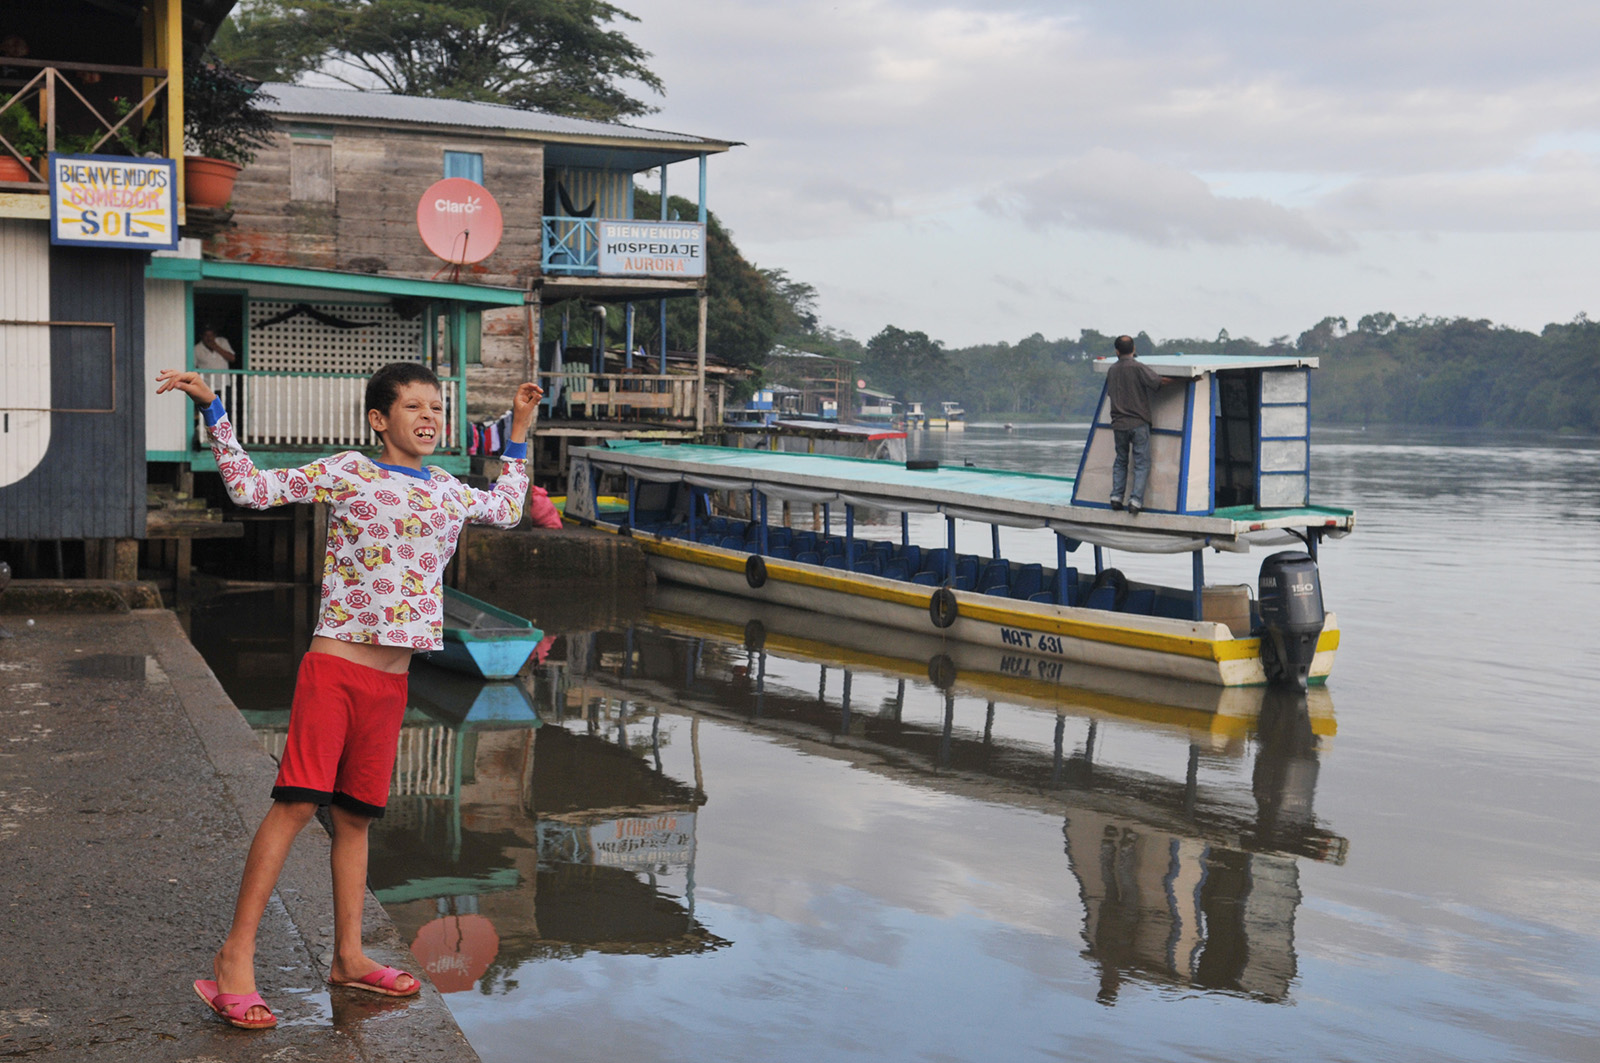 foto van een jongen aan de kade bij een pleziervaart bootje in Nicaragua